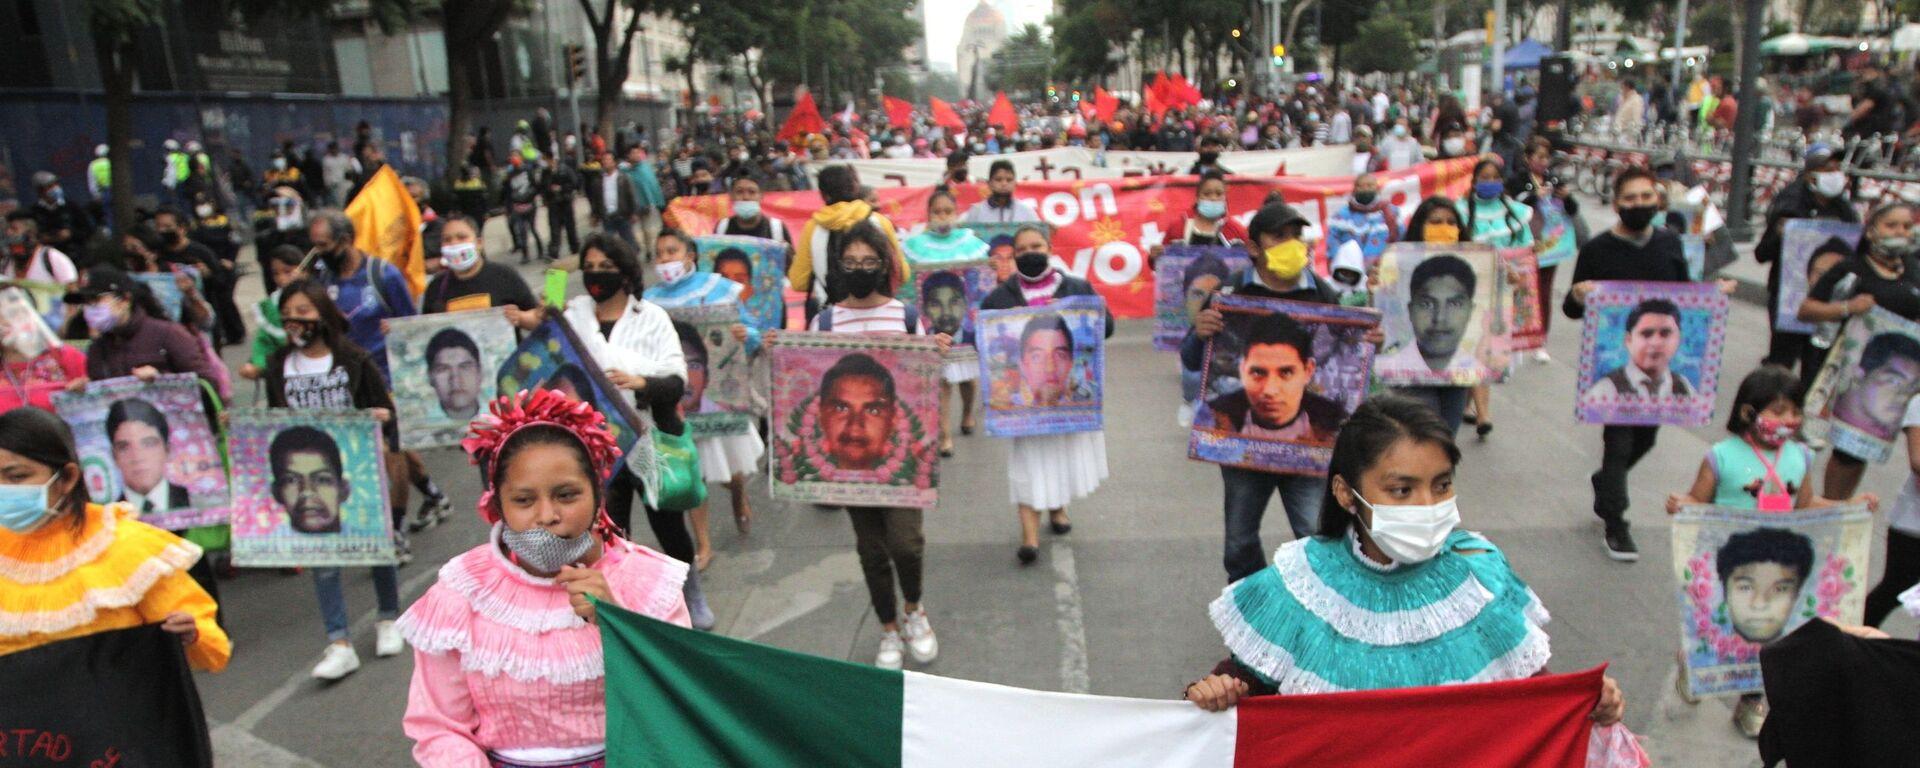 Conmemoran en CDMX seis años de la desaparición forzada de los estudiantes de Ayotzinapa - Sputnik Mundo, 1920, 07.09.2021